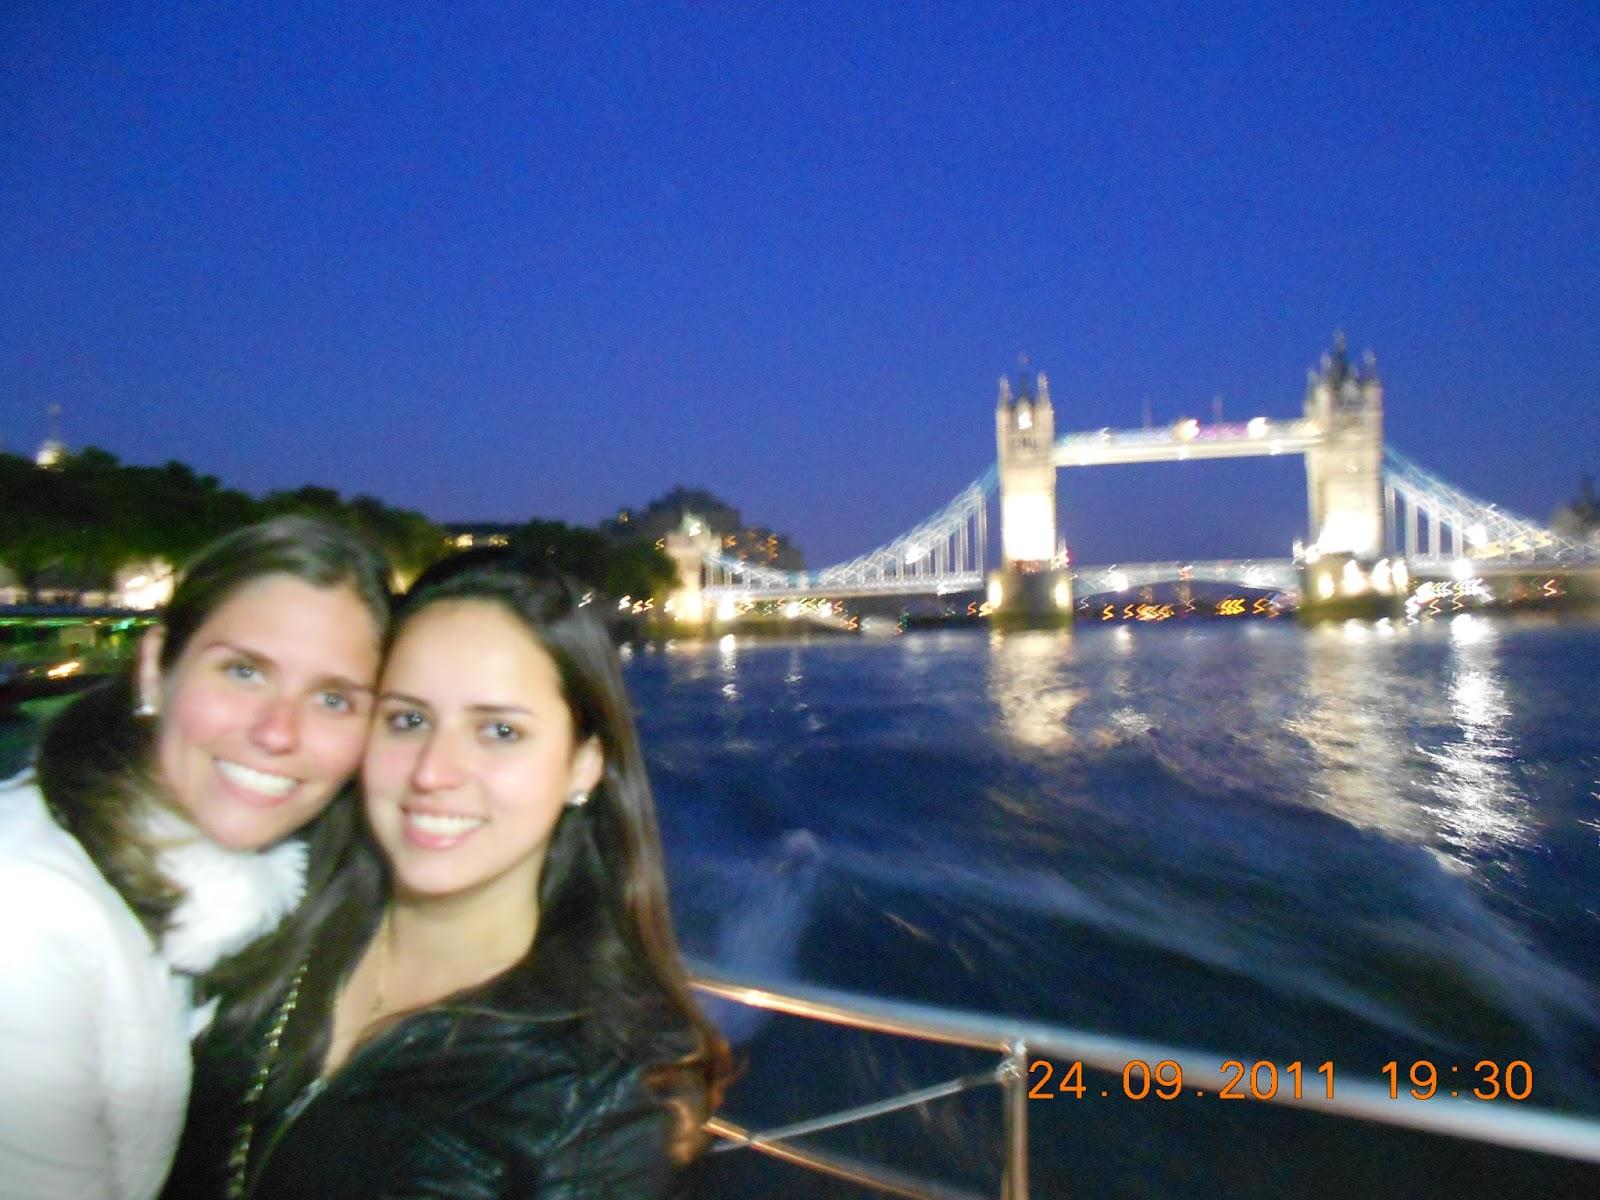 Rio Tâmisa à noite